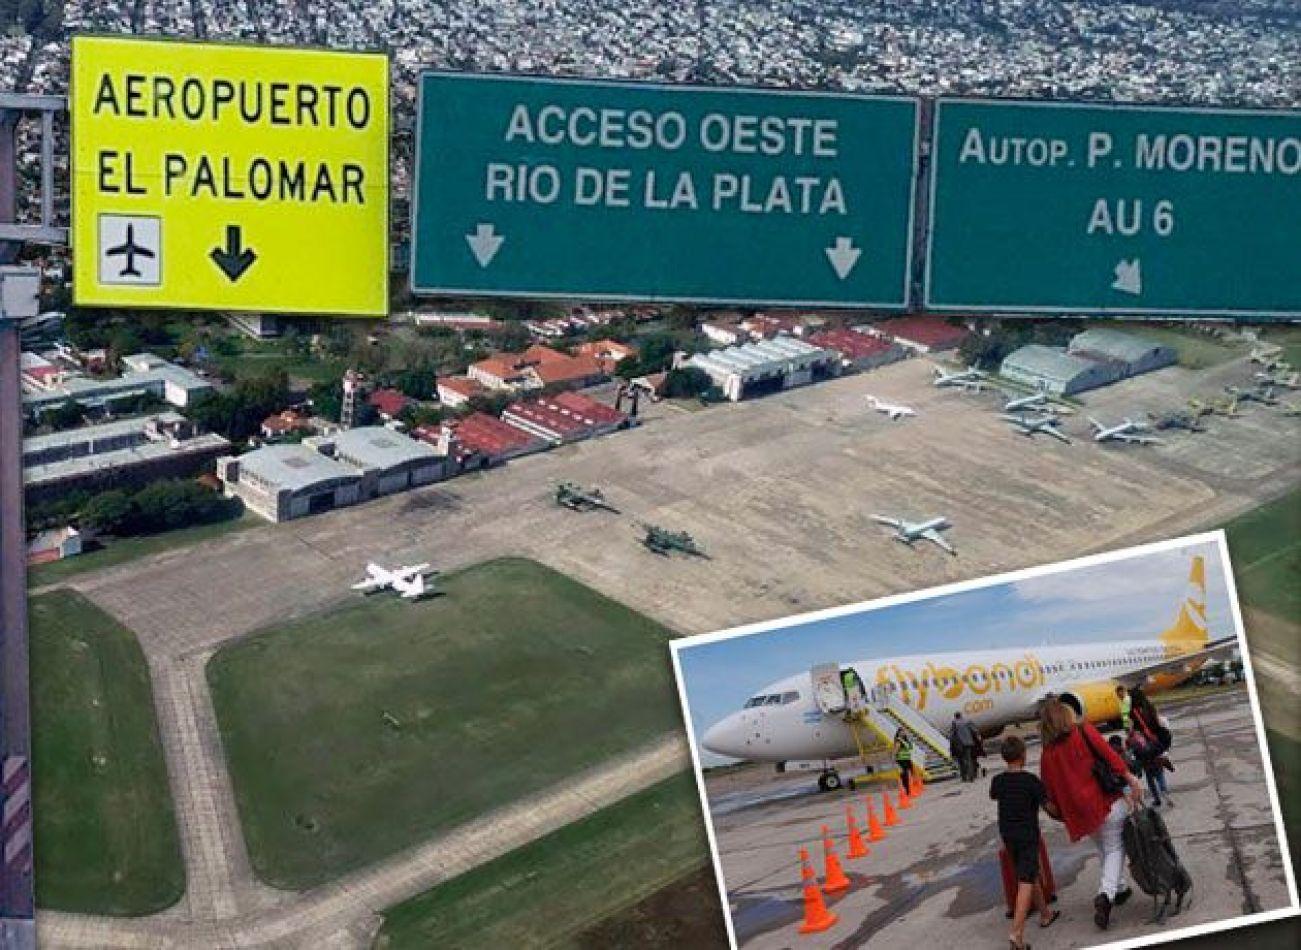 Por la llovizna, el aeropuerto El Palomar cesó sus actividades y la empresa debió suspender algunos de sus servicios.